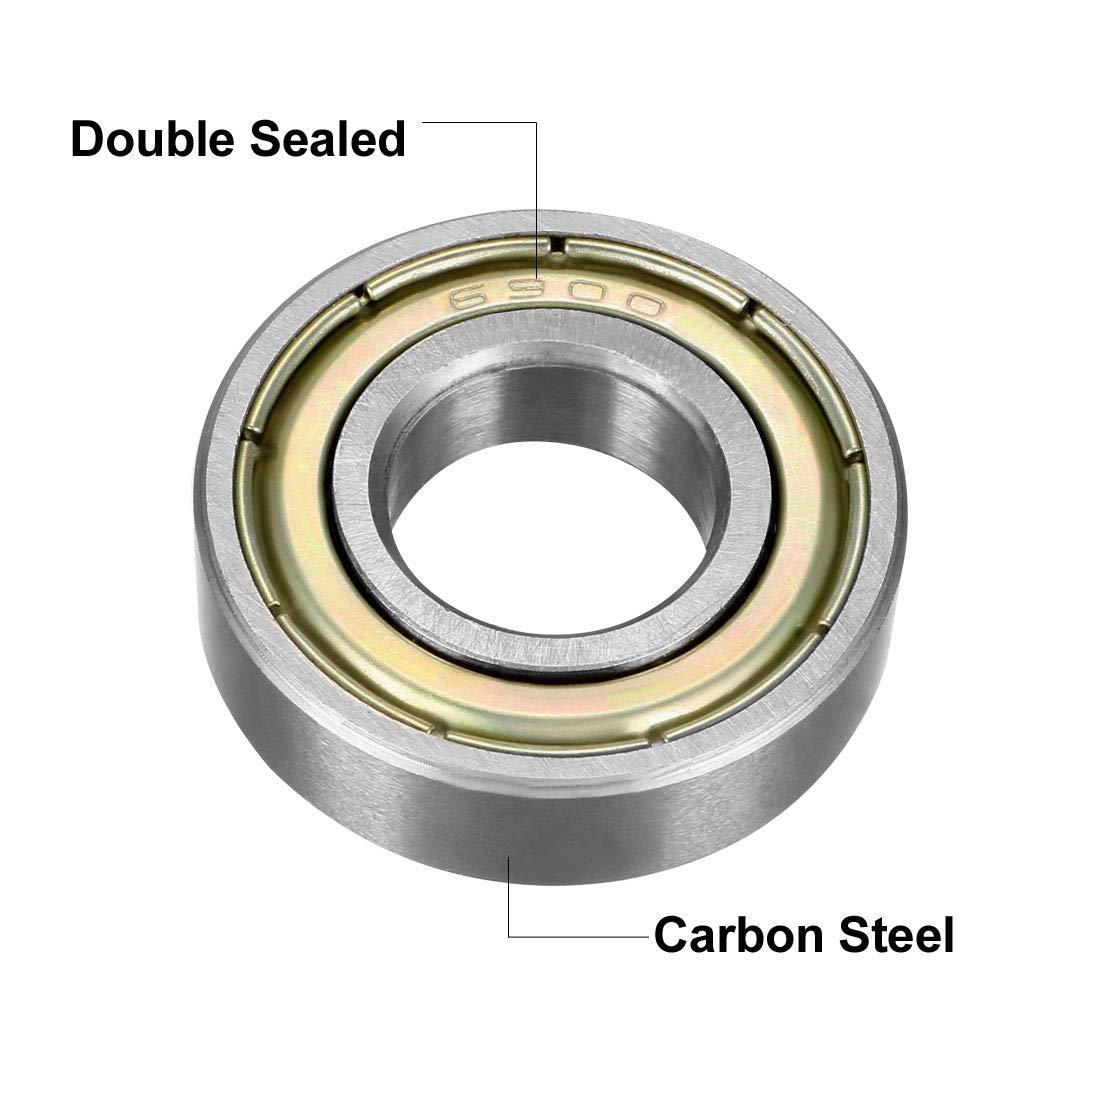 Sourcingmap 6900z Deep Groove Roulement /à billes double Shield 6900zz 1080900 lot de 8 10/mm x 22/mm x 6/mm en acier au carbone Roulements